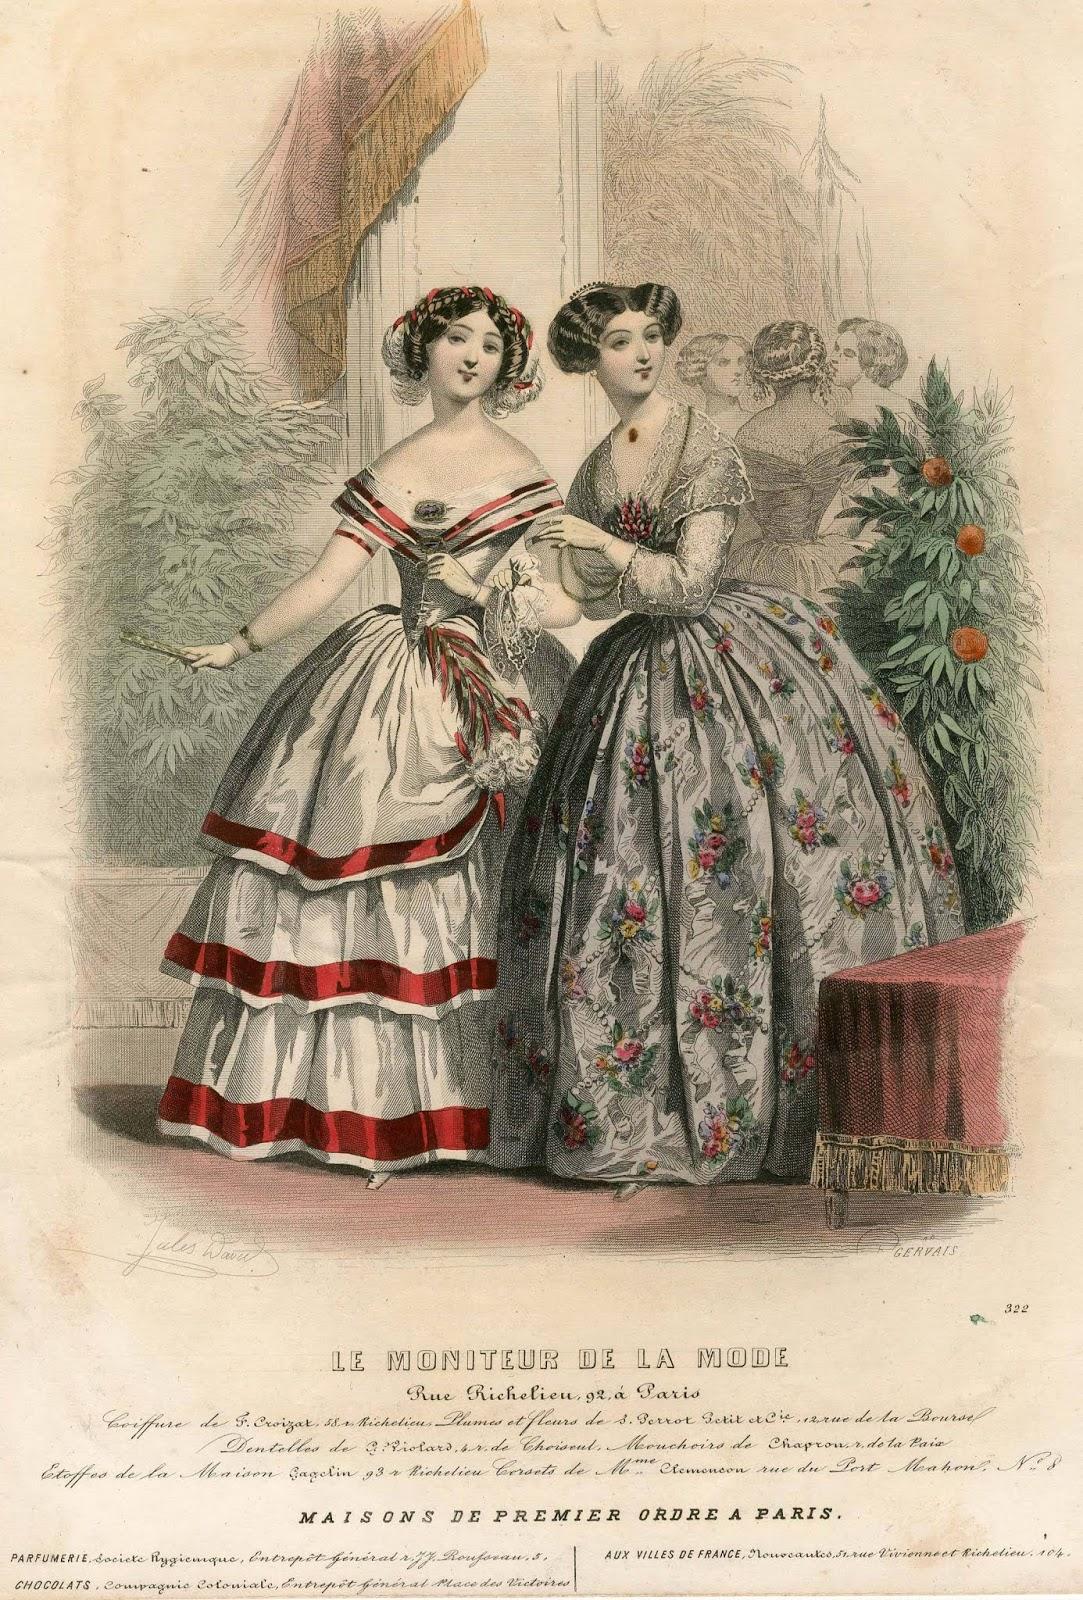 2a51104c96a Estélyi ruha fehér taftból alul egy széles csipkével, fehér moire antique  tunikával és derékkal, ezek arany zsinórozással ékítve.